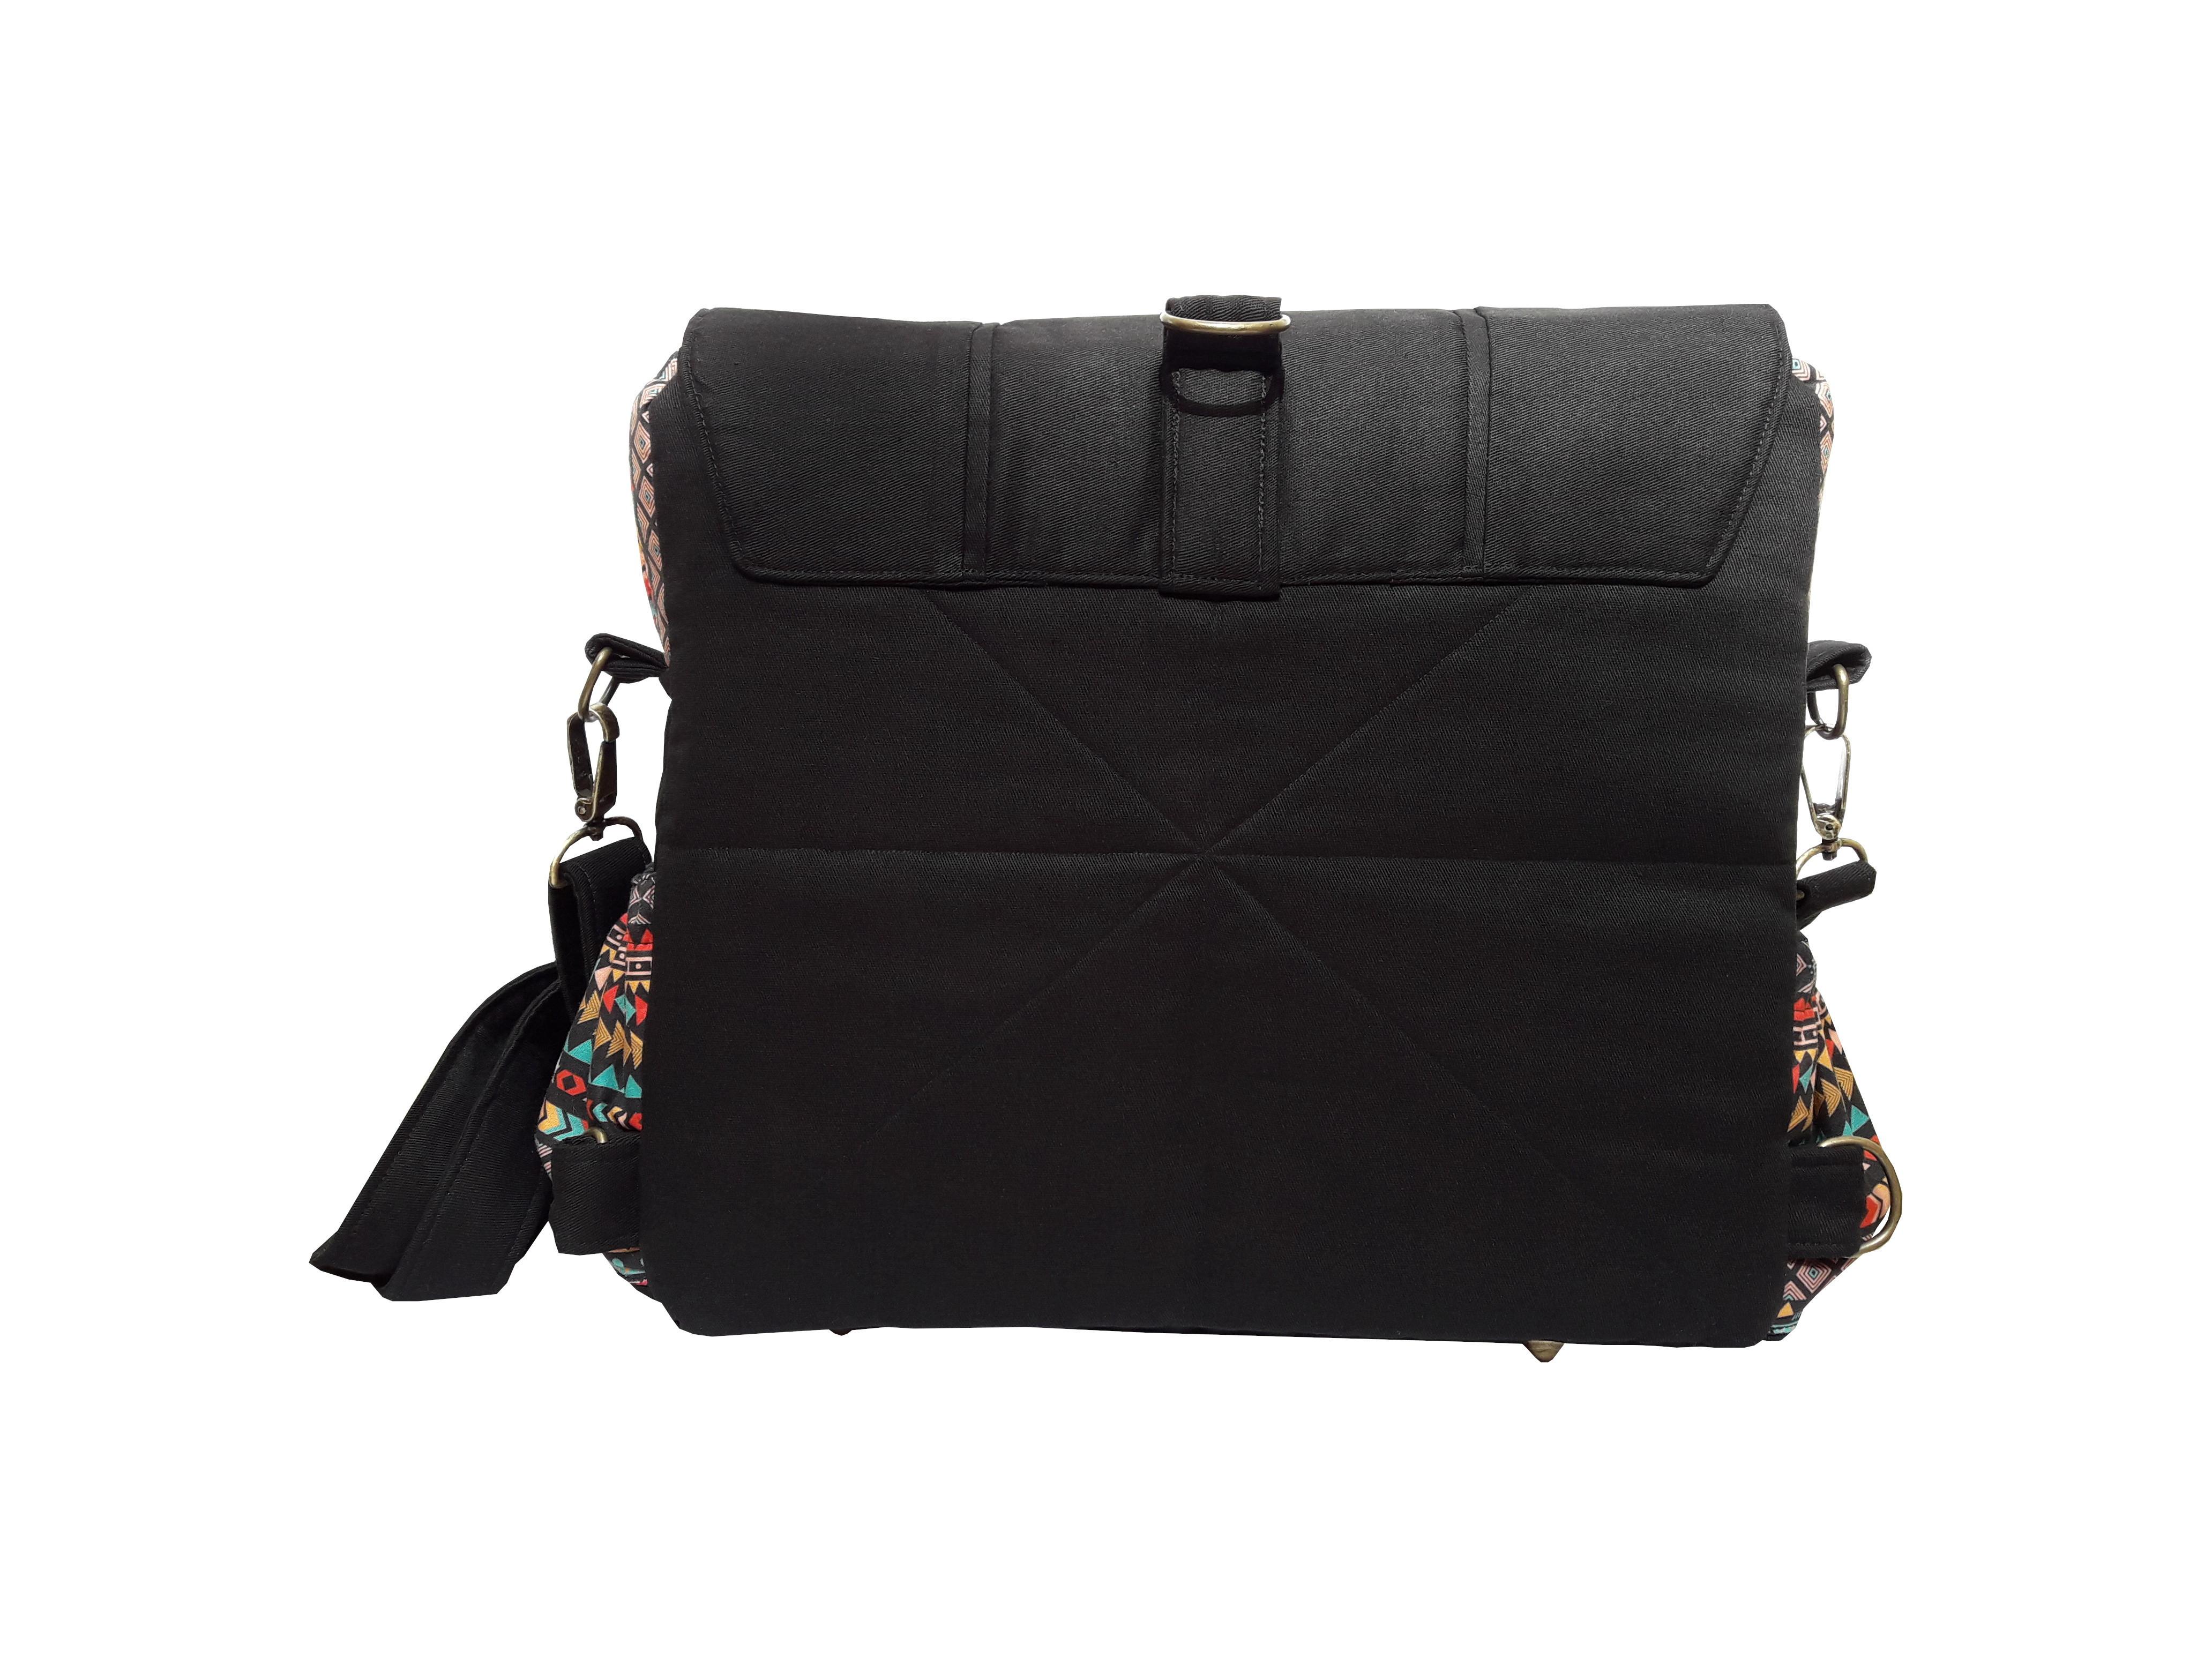 1d5fbe4e1 Bolsa Carteiro Conversível para Mochila Étnica no Elo7 | Brigitte Bags  (C3102B)